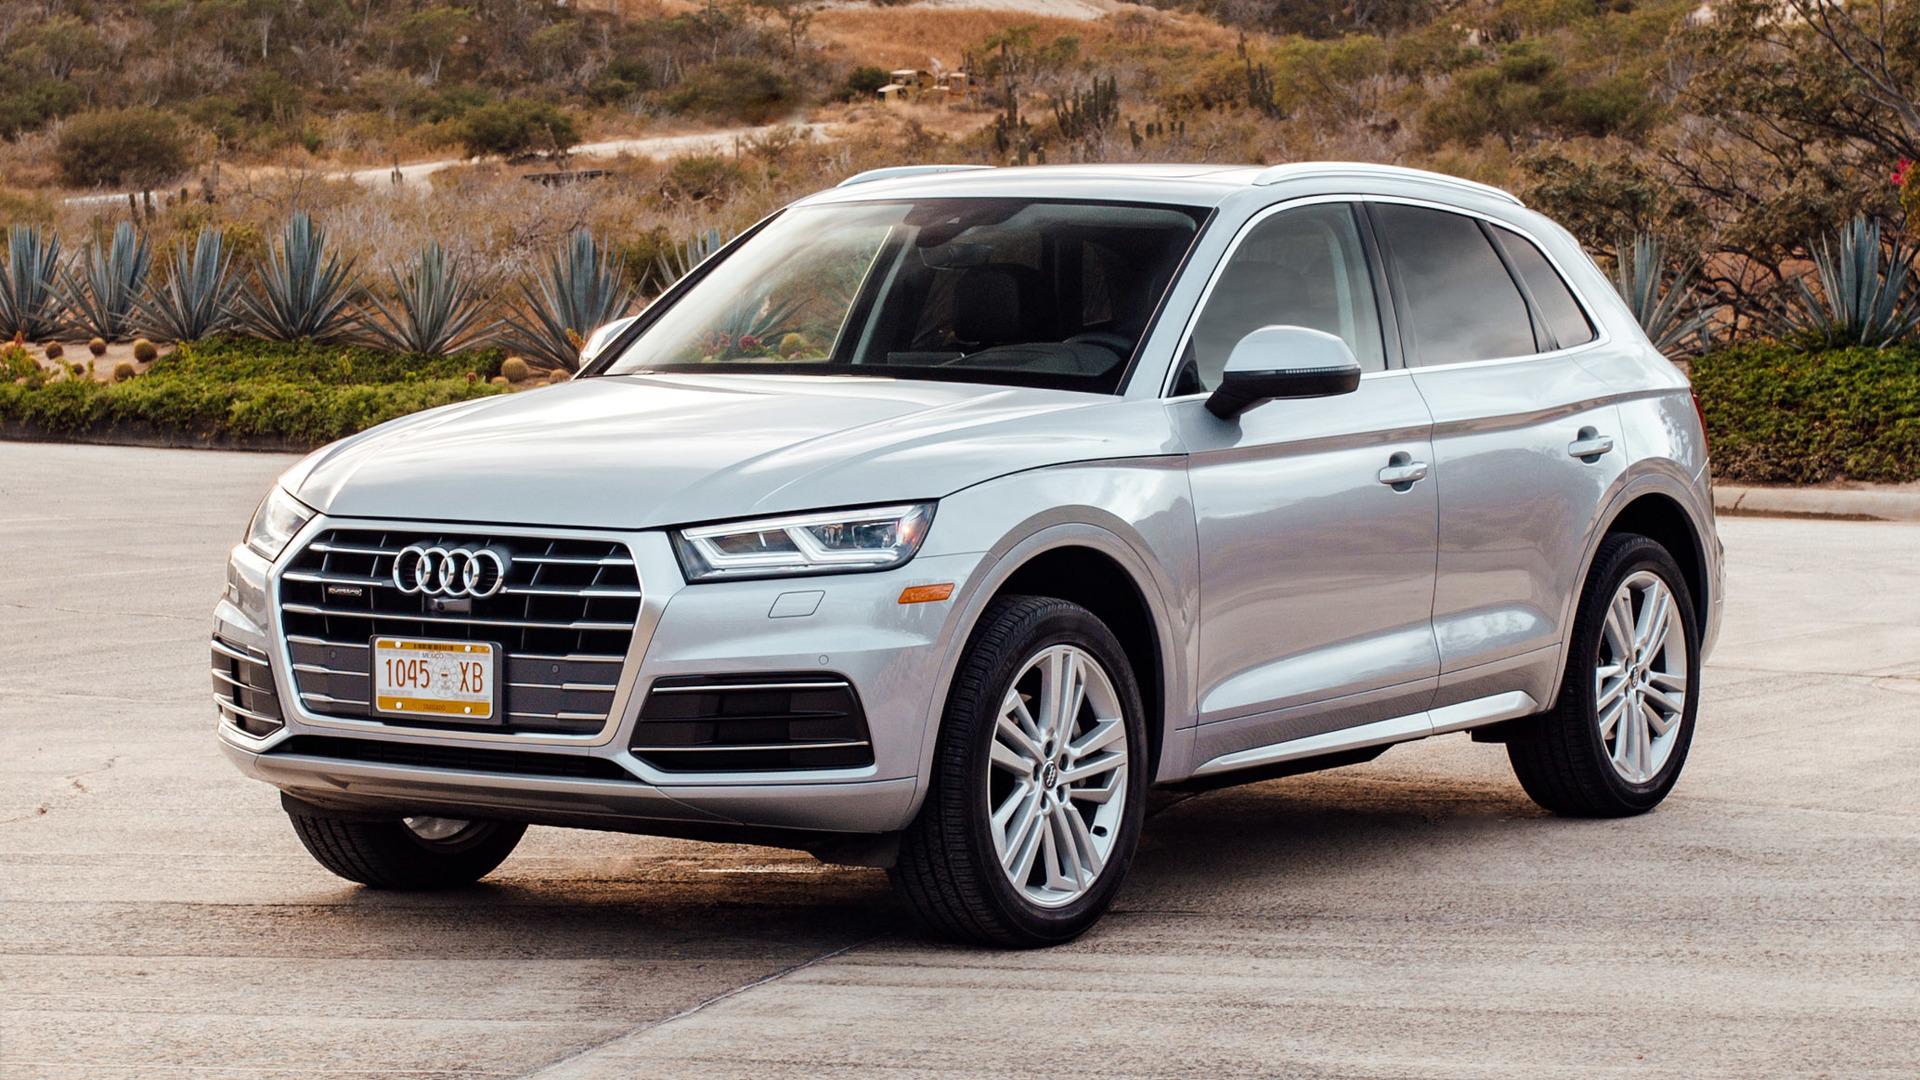 Audi Q5 2018 Prestige >> 2018 Audi Q5 First Drive Evolution Not Revolution